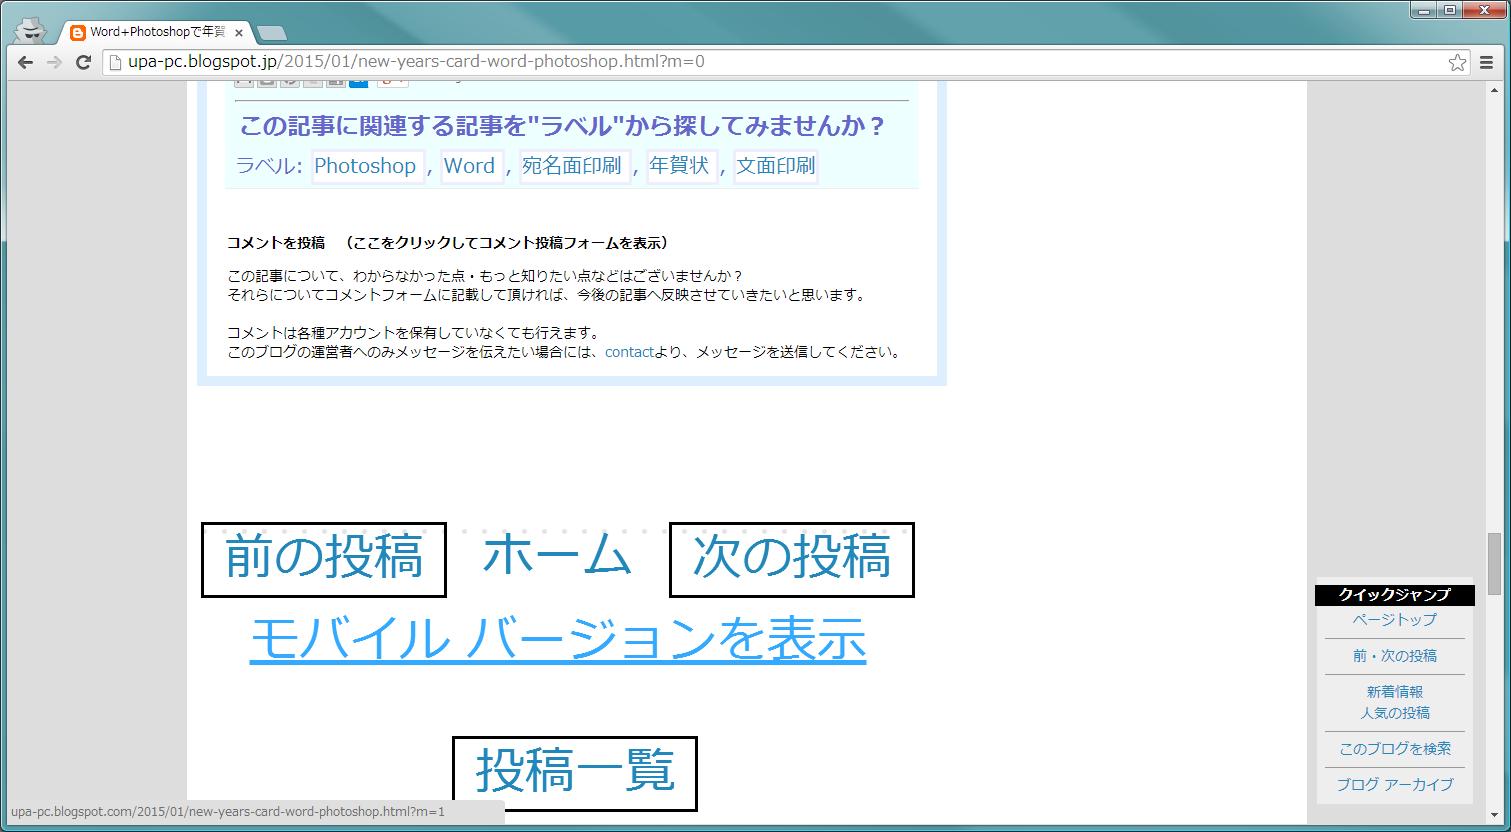 Blogger のブログページ モバイル版の表示からPC版の表示に切り替えたもの  「前の投稿・次の投稿」のナビゲーションの下に、 「モバイル バージョンを表示」というリンクがある